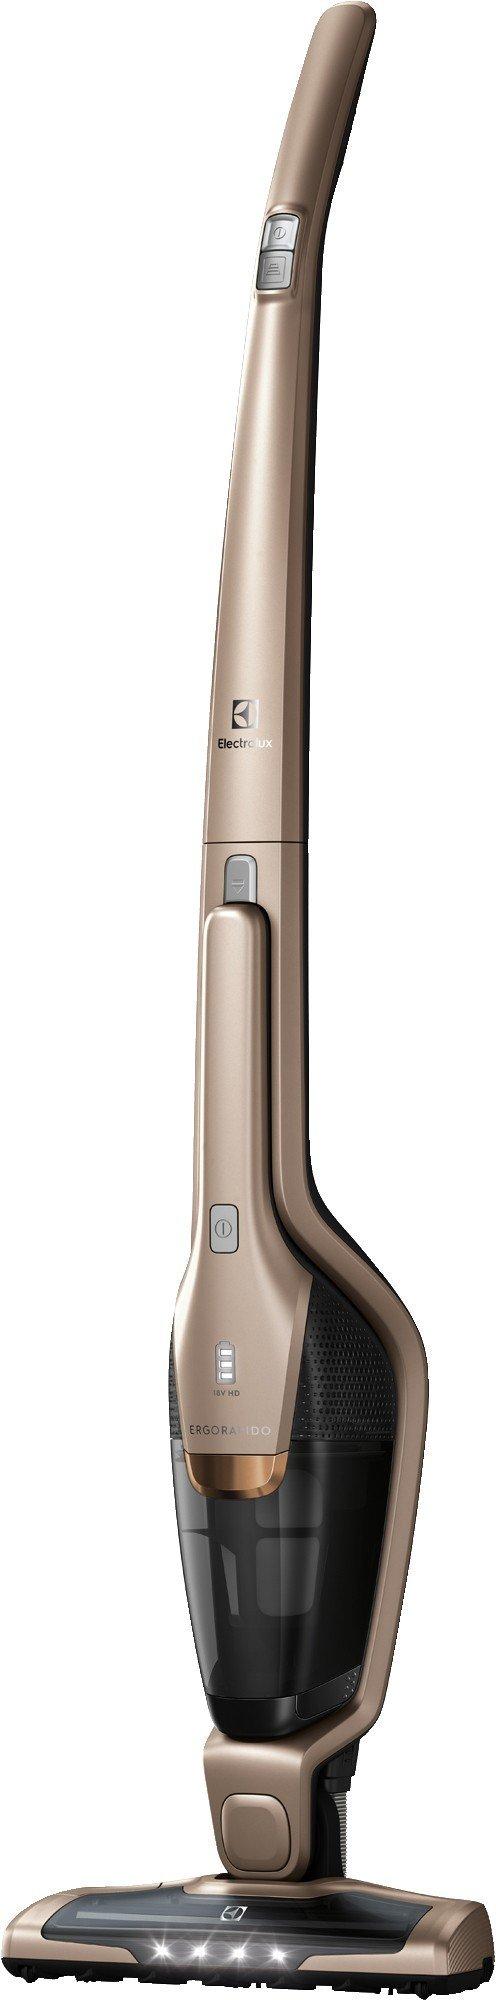 Best pris på Electrolux Ergorapido EER77SSM Se priser før kjøp